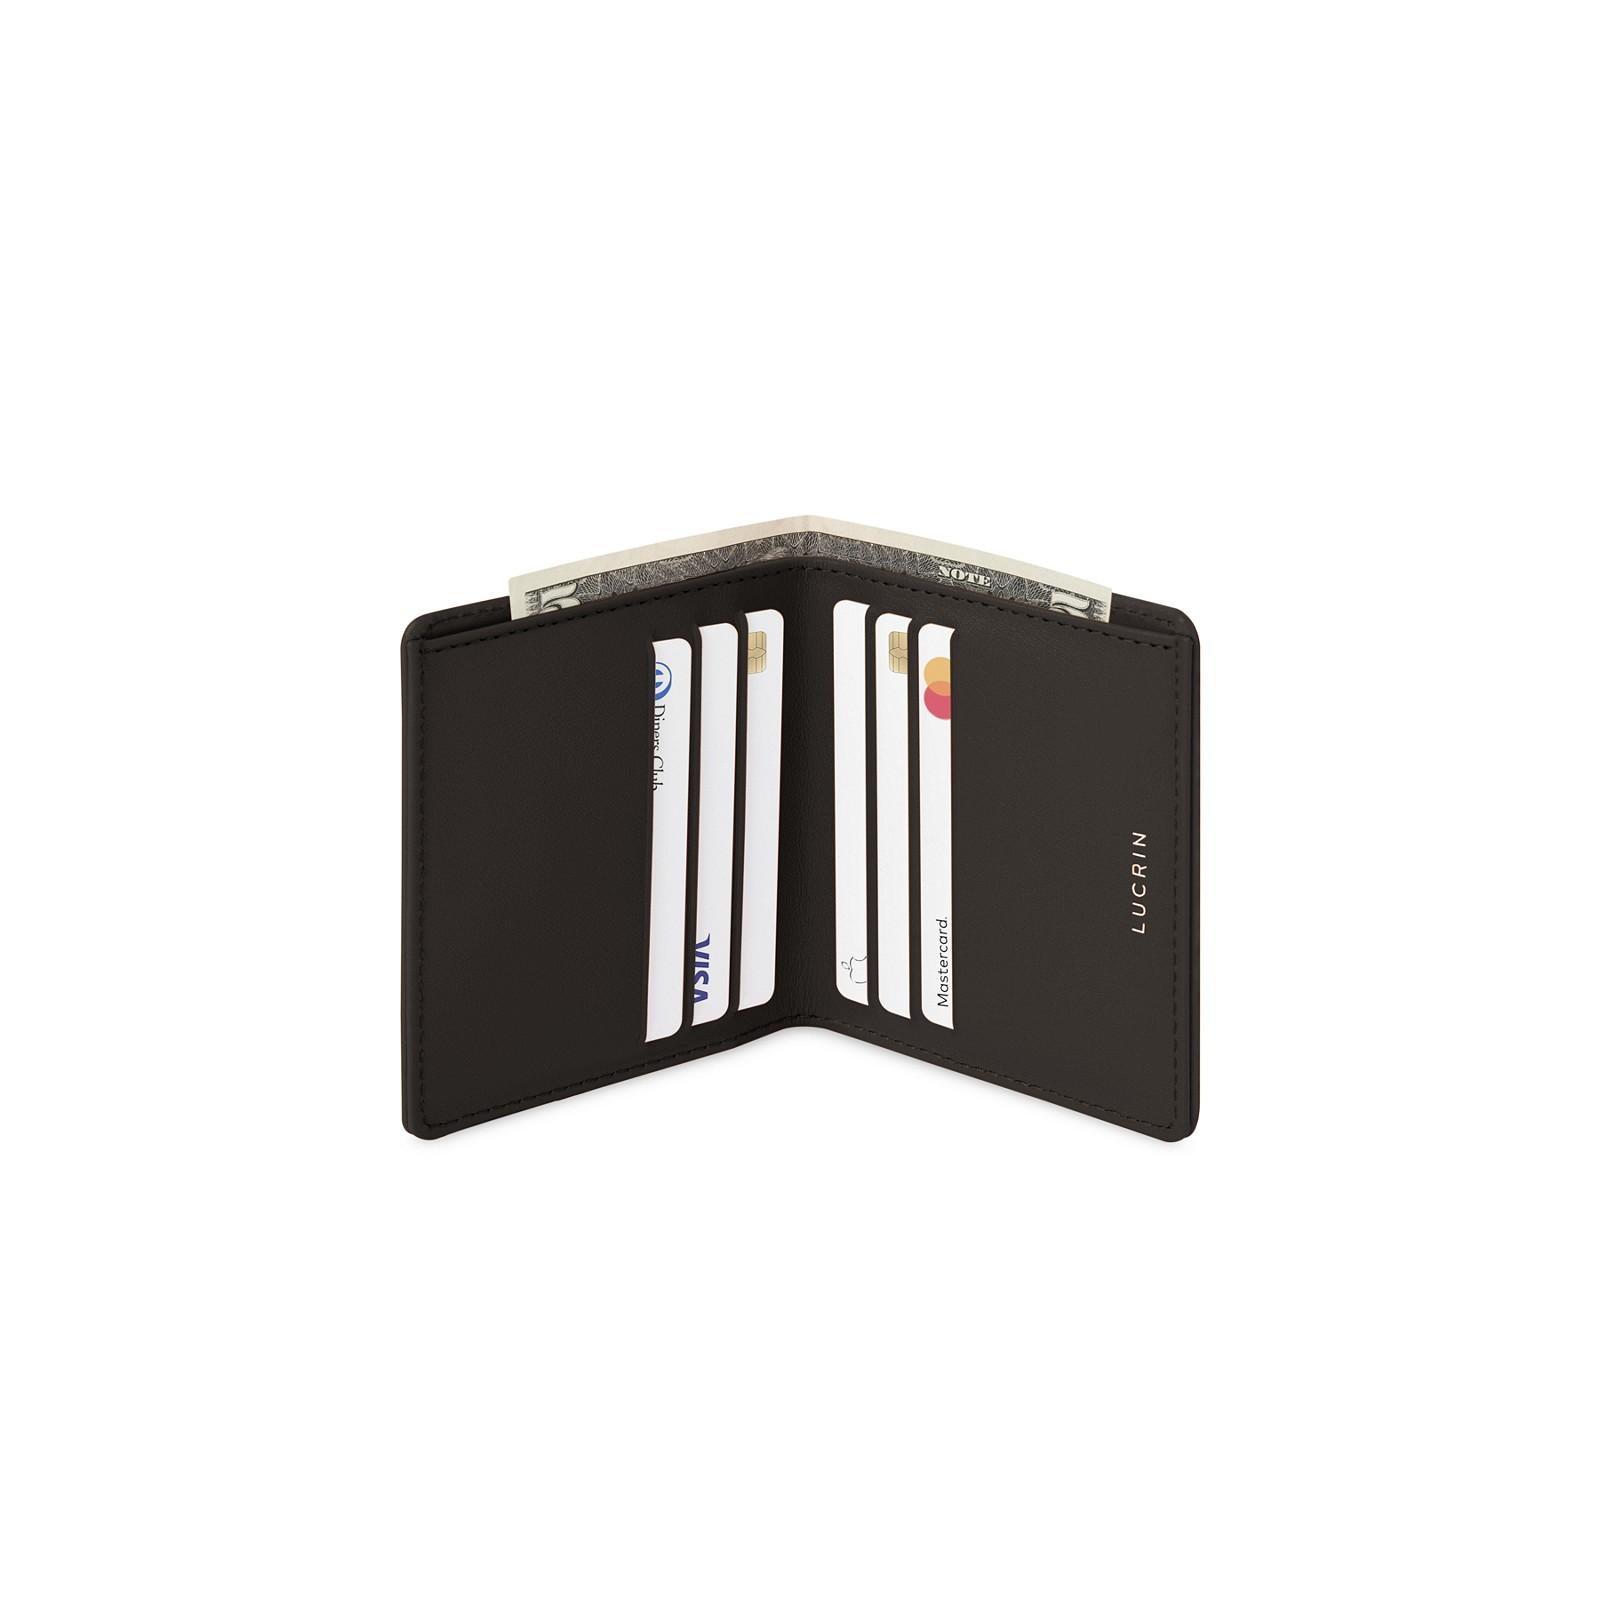 f28eb5f33 Billetera delgada para hombres Marrón oscuro - Piel Liso Billetera delgada  para hombres Marrón oscuro - Piel Liso 